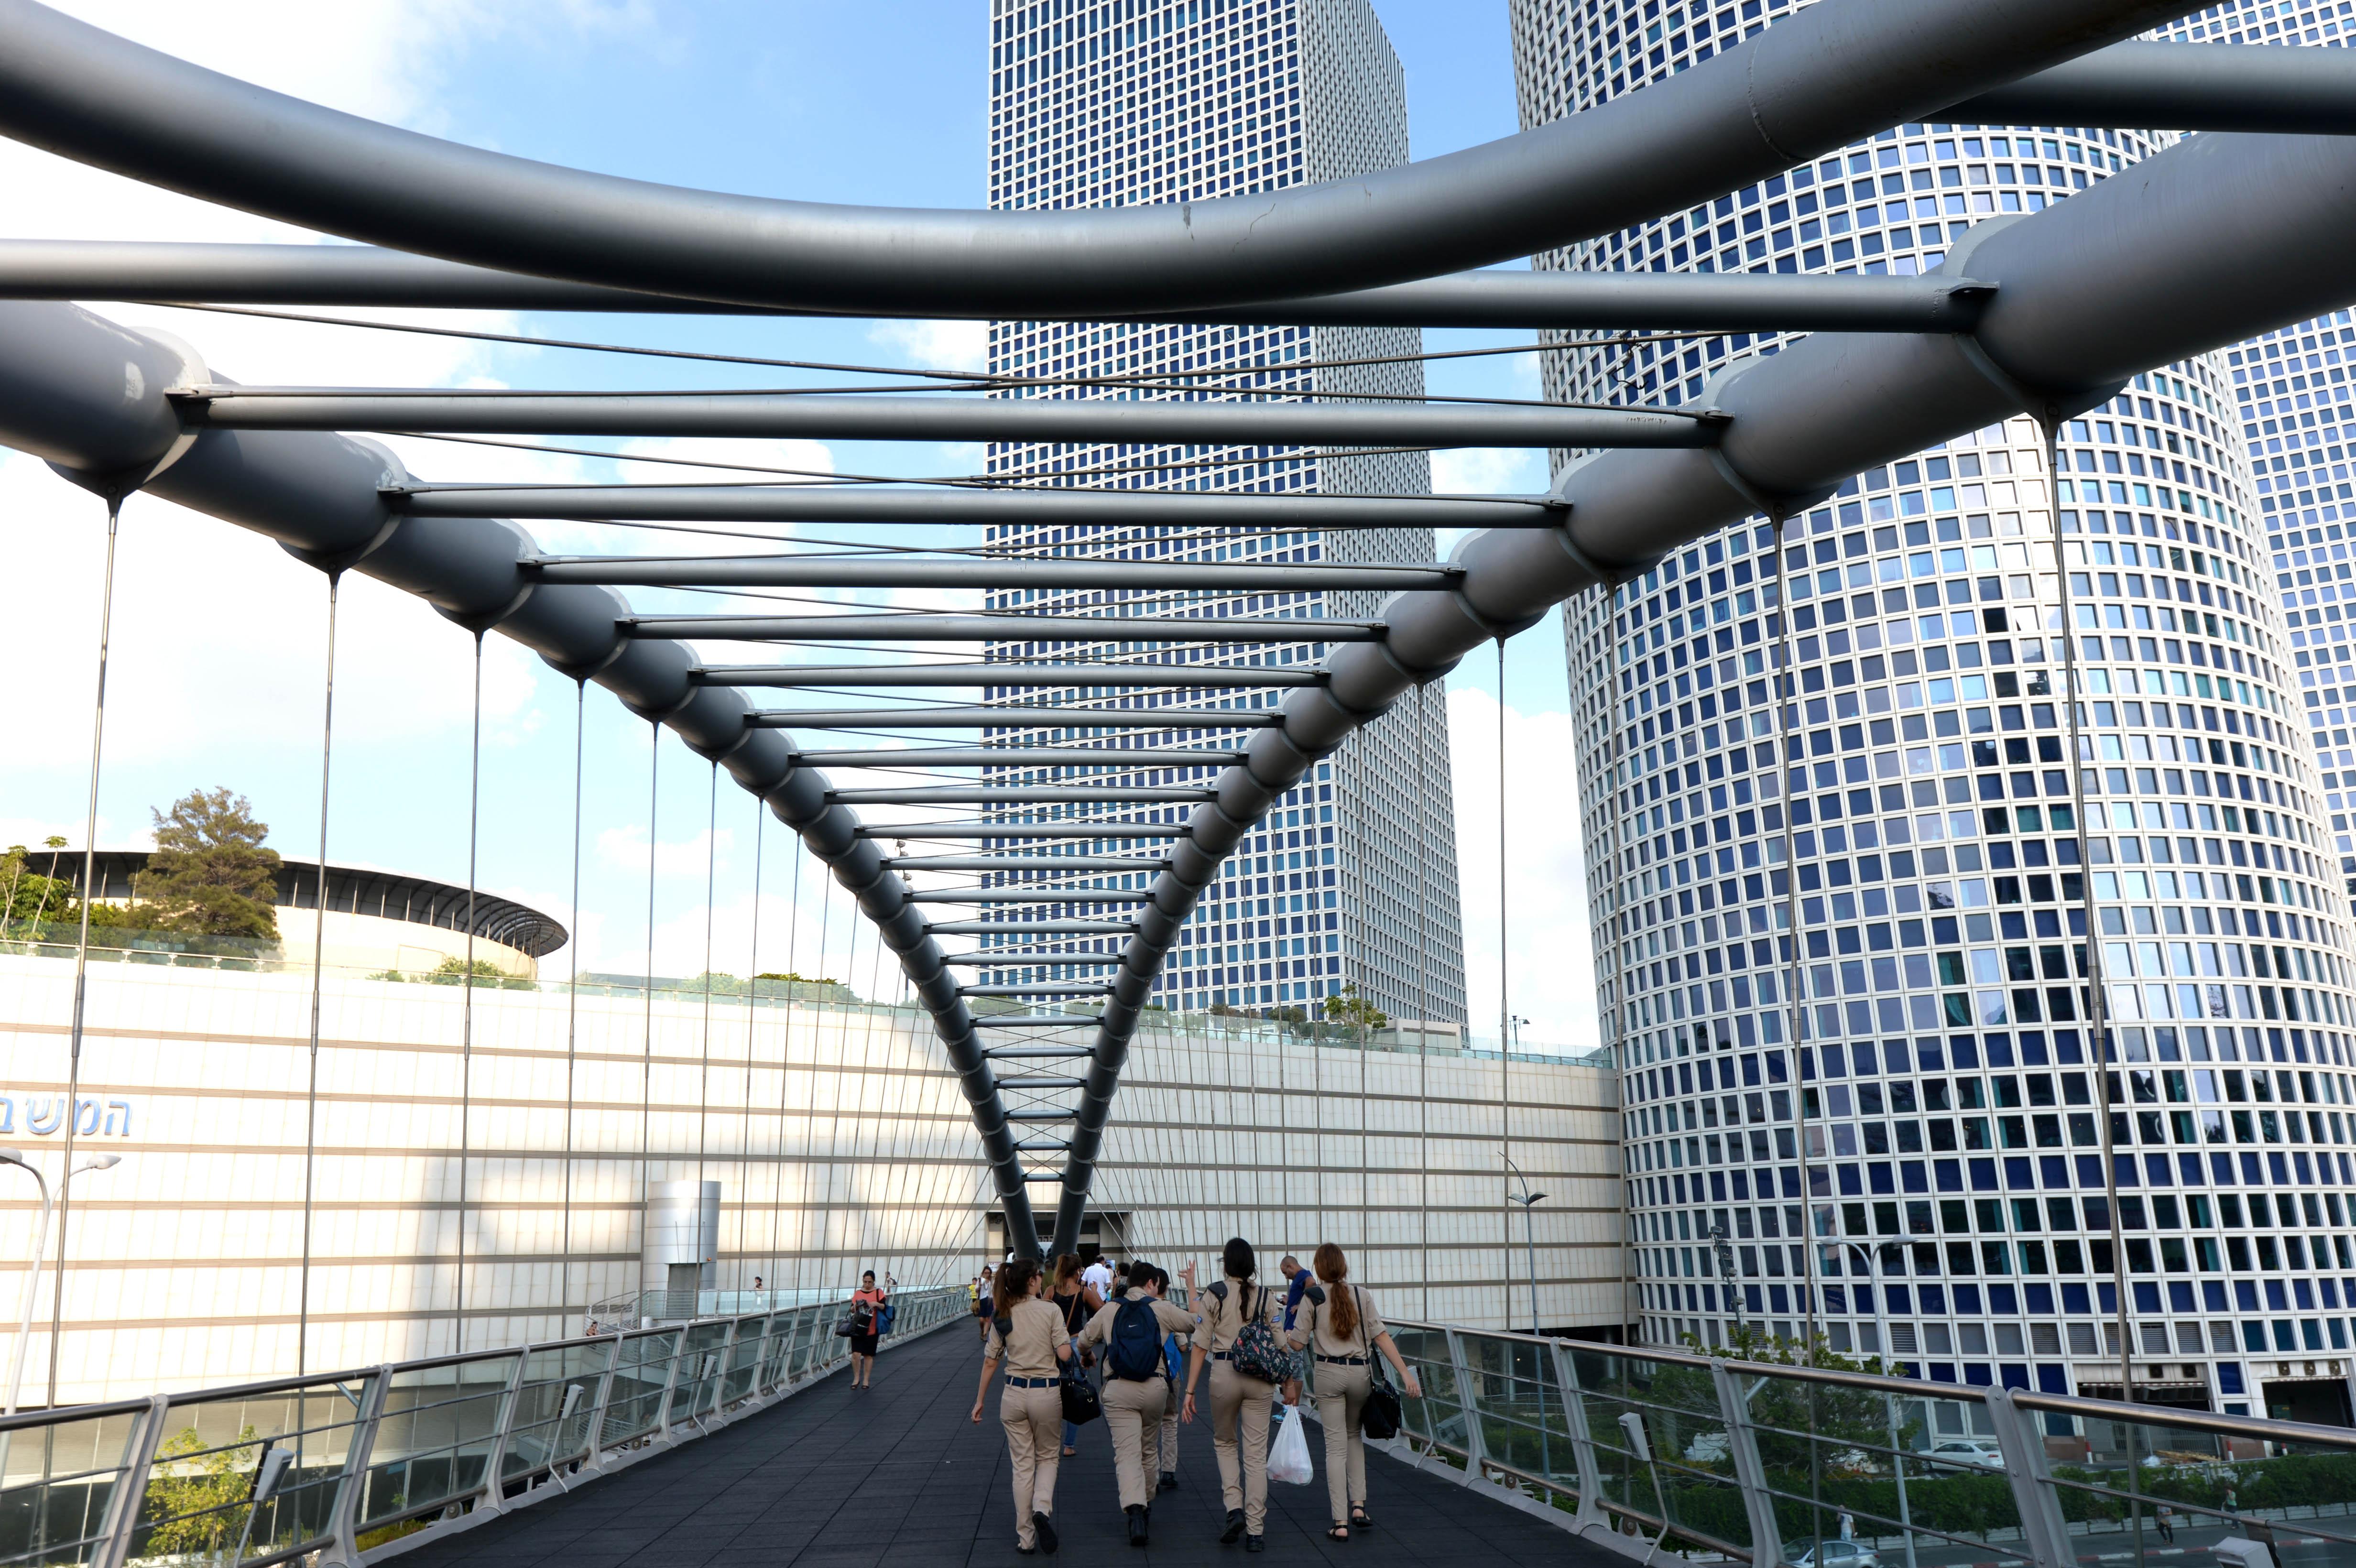 """הולכי רגל או צרכנים פוטנציאליים? הגשר המחבר בין הקריה למרכז עזראלי, תל אביב (צילום: חיים צח, לע""""מ)"""